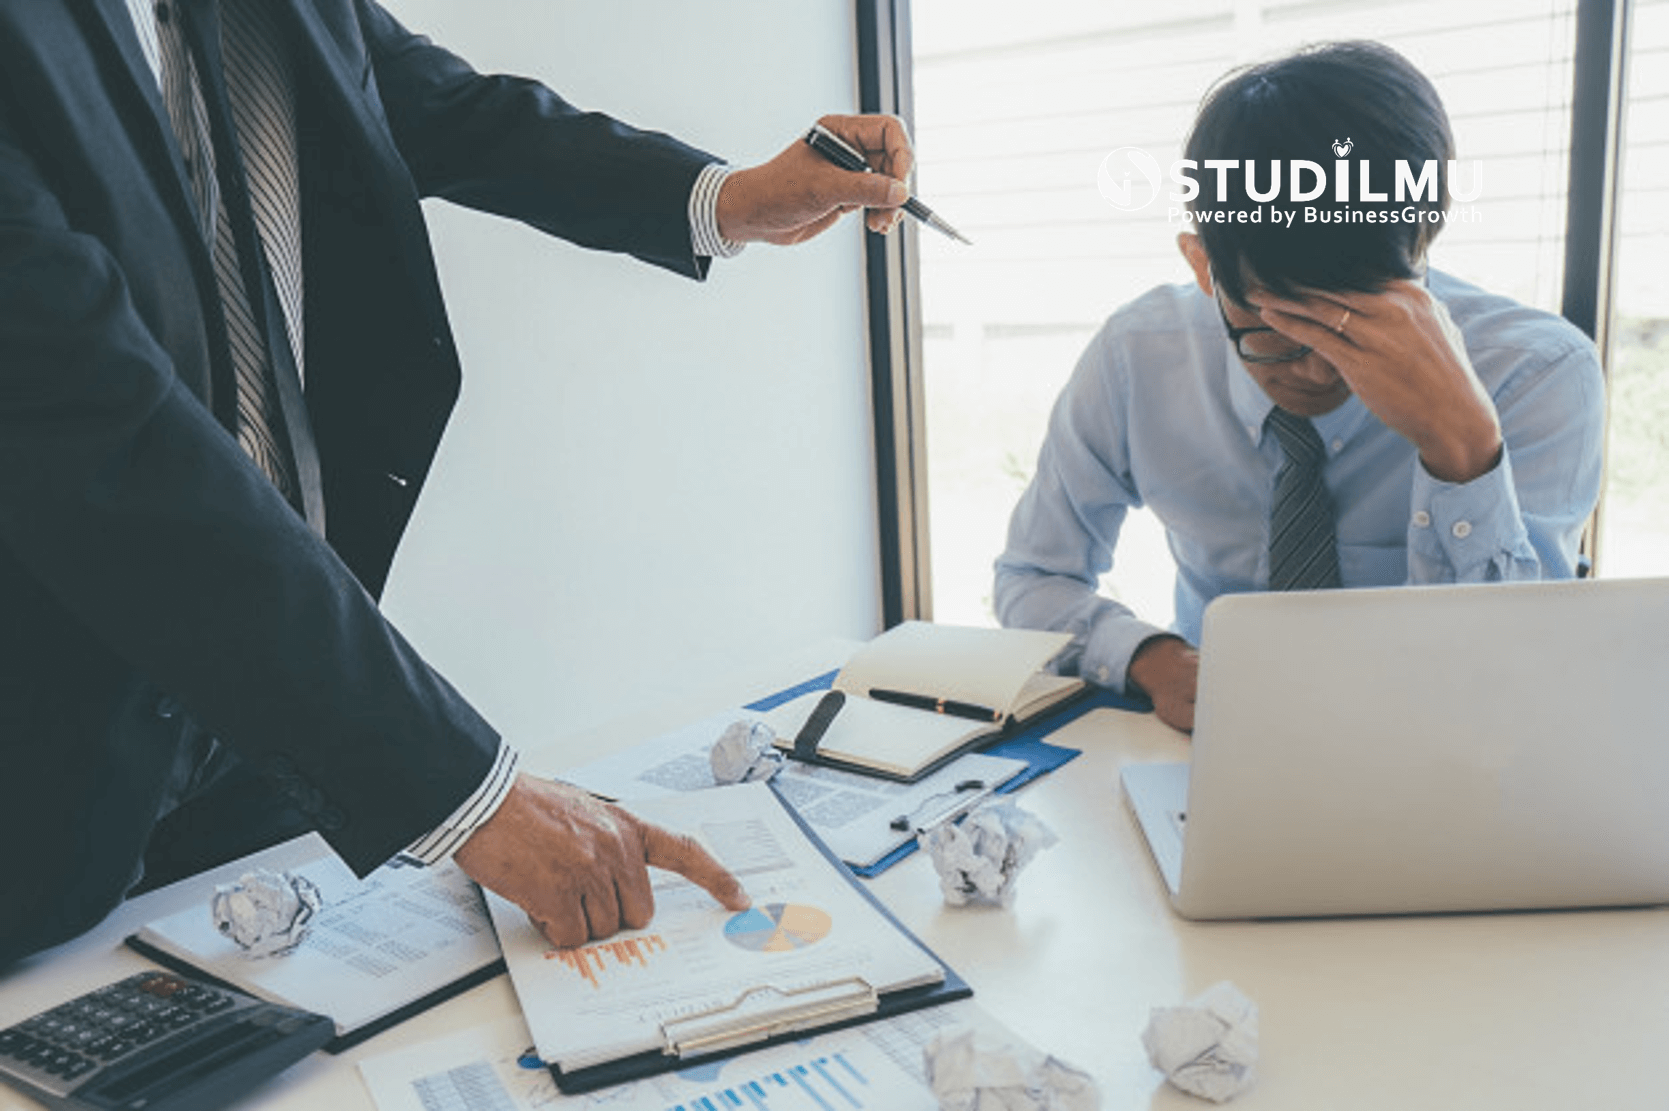 STUDILMU Career Advice - 3 Kesalahan Kerja yang Mempengaruhi Kredibilitas Kerja